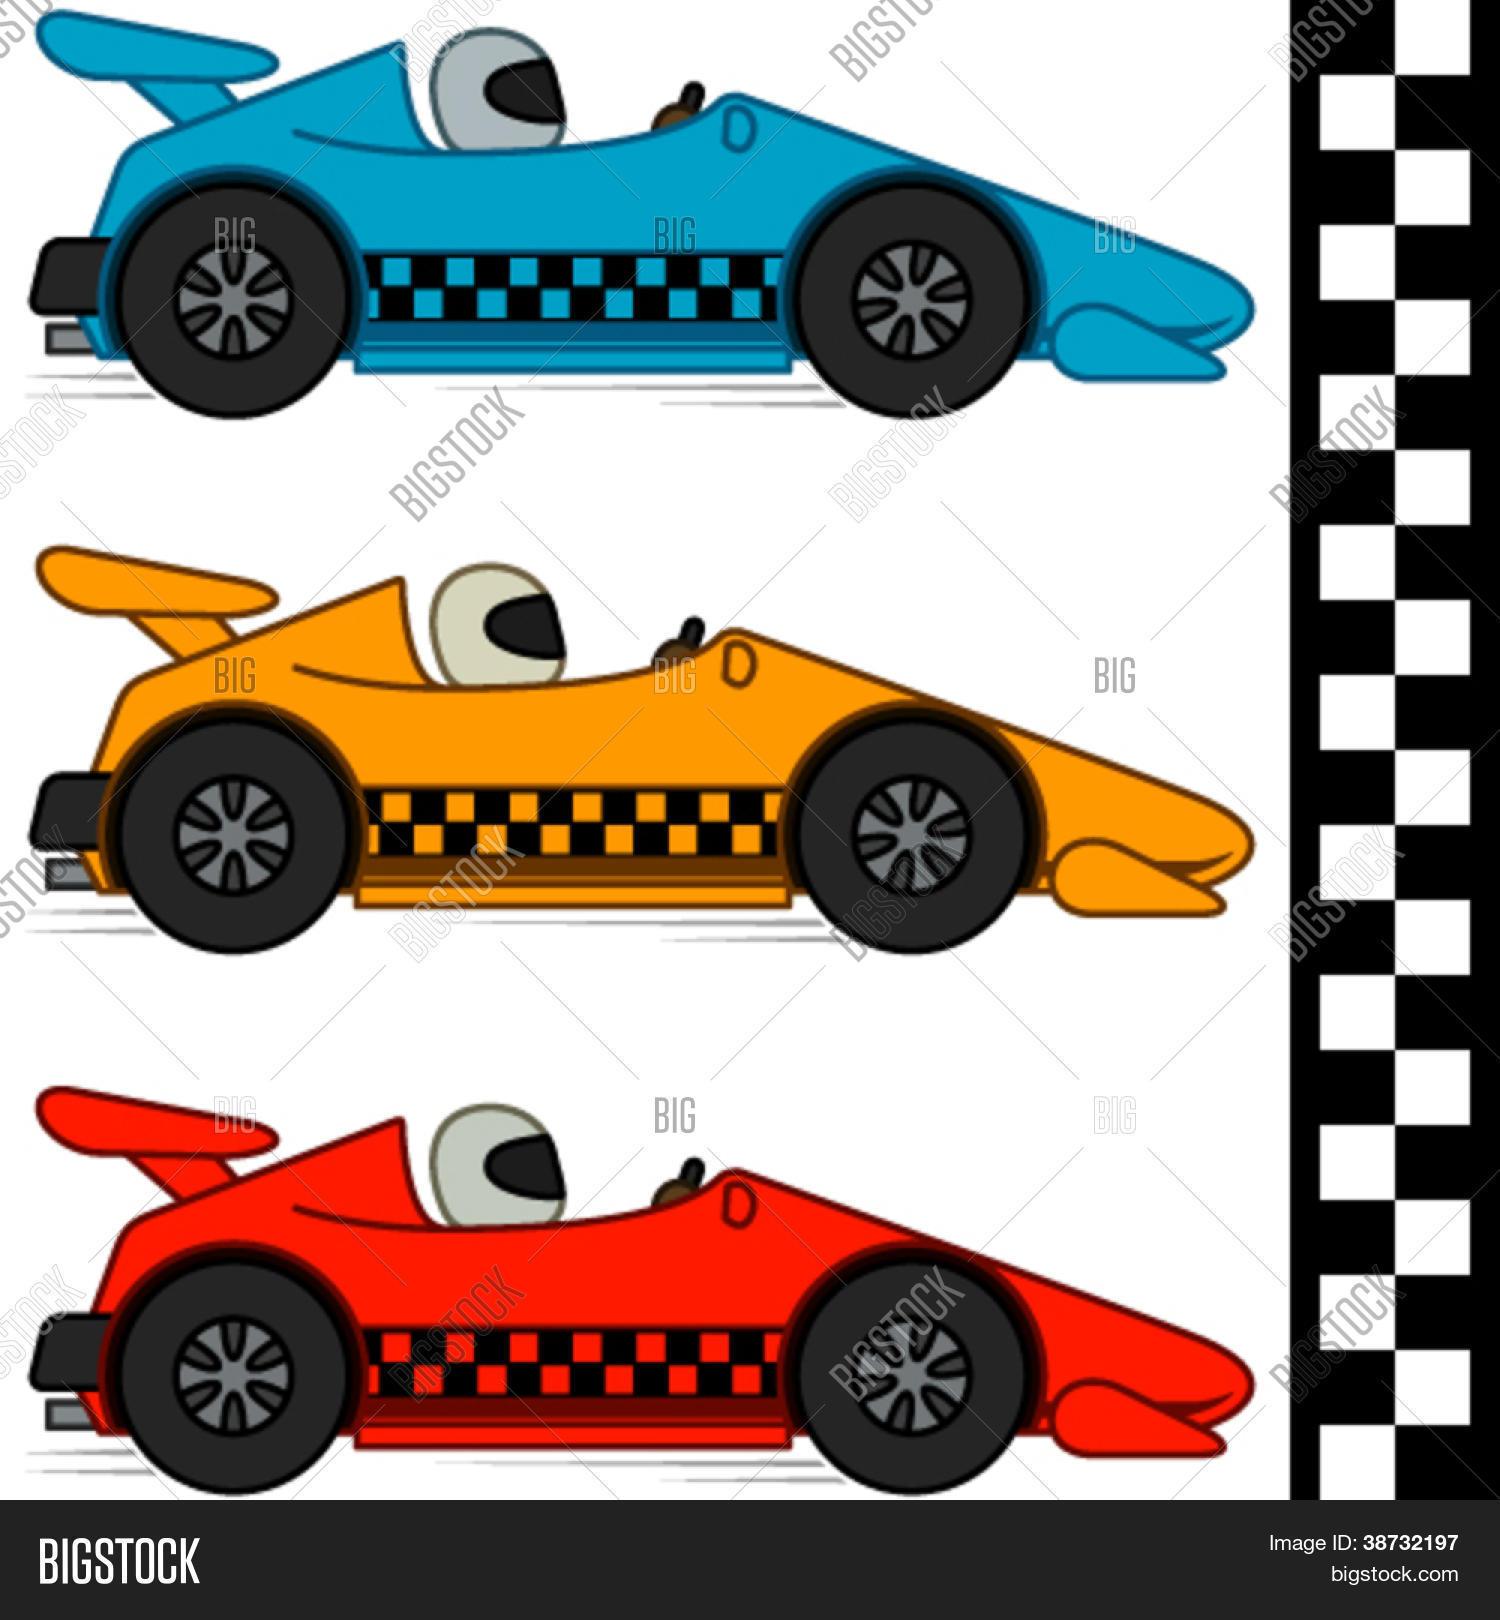 dessin anim conceptuel vector voitures de course en trois couleurs diffrentes ligne de finition inclus